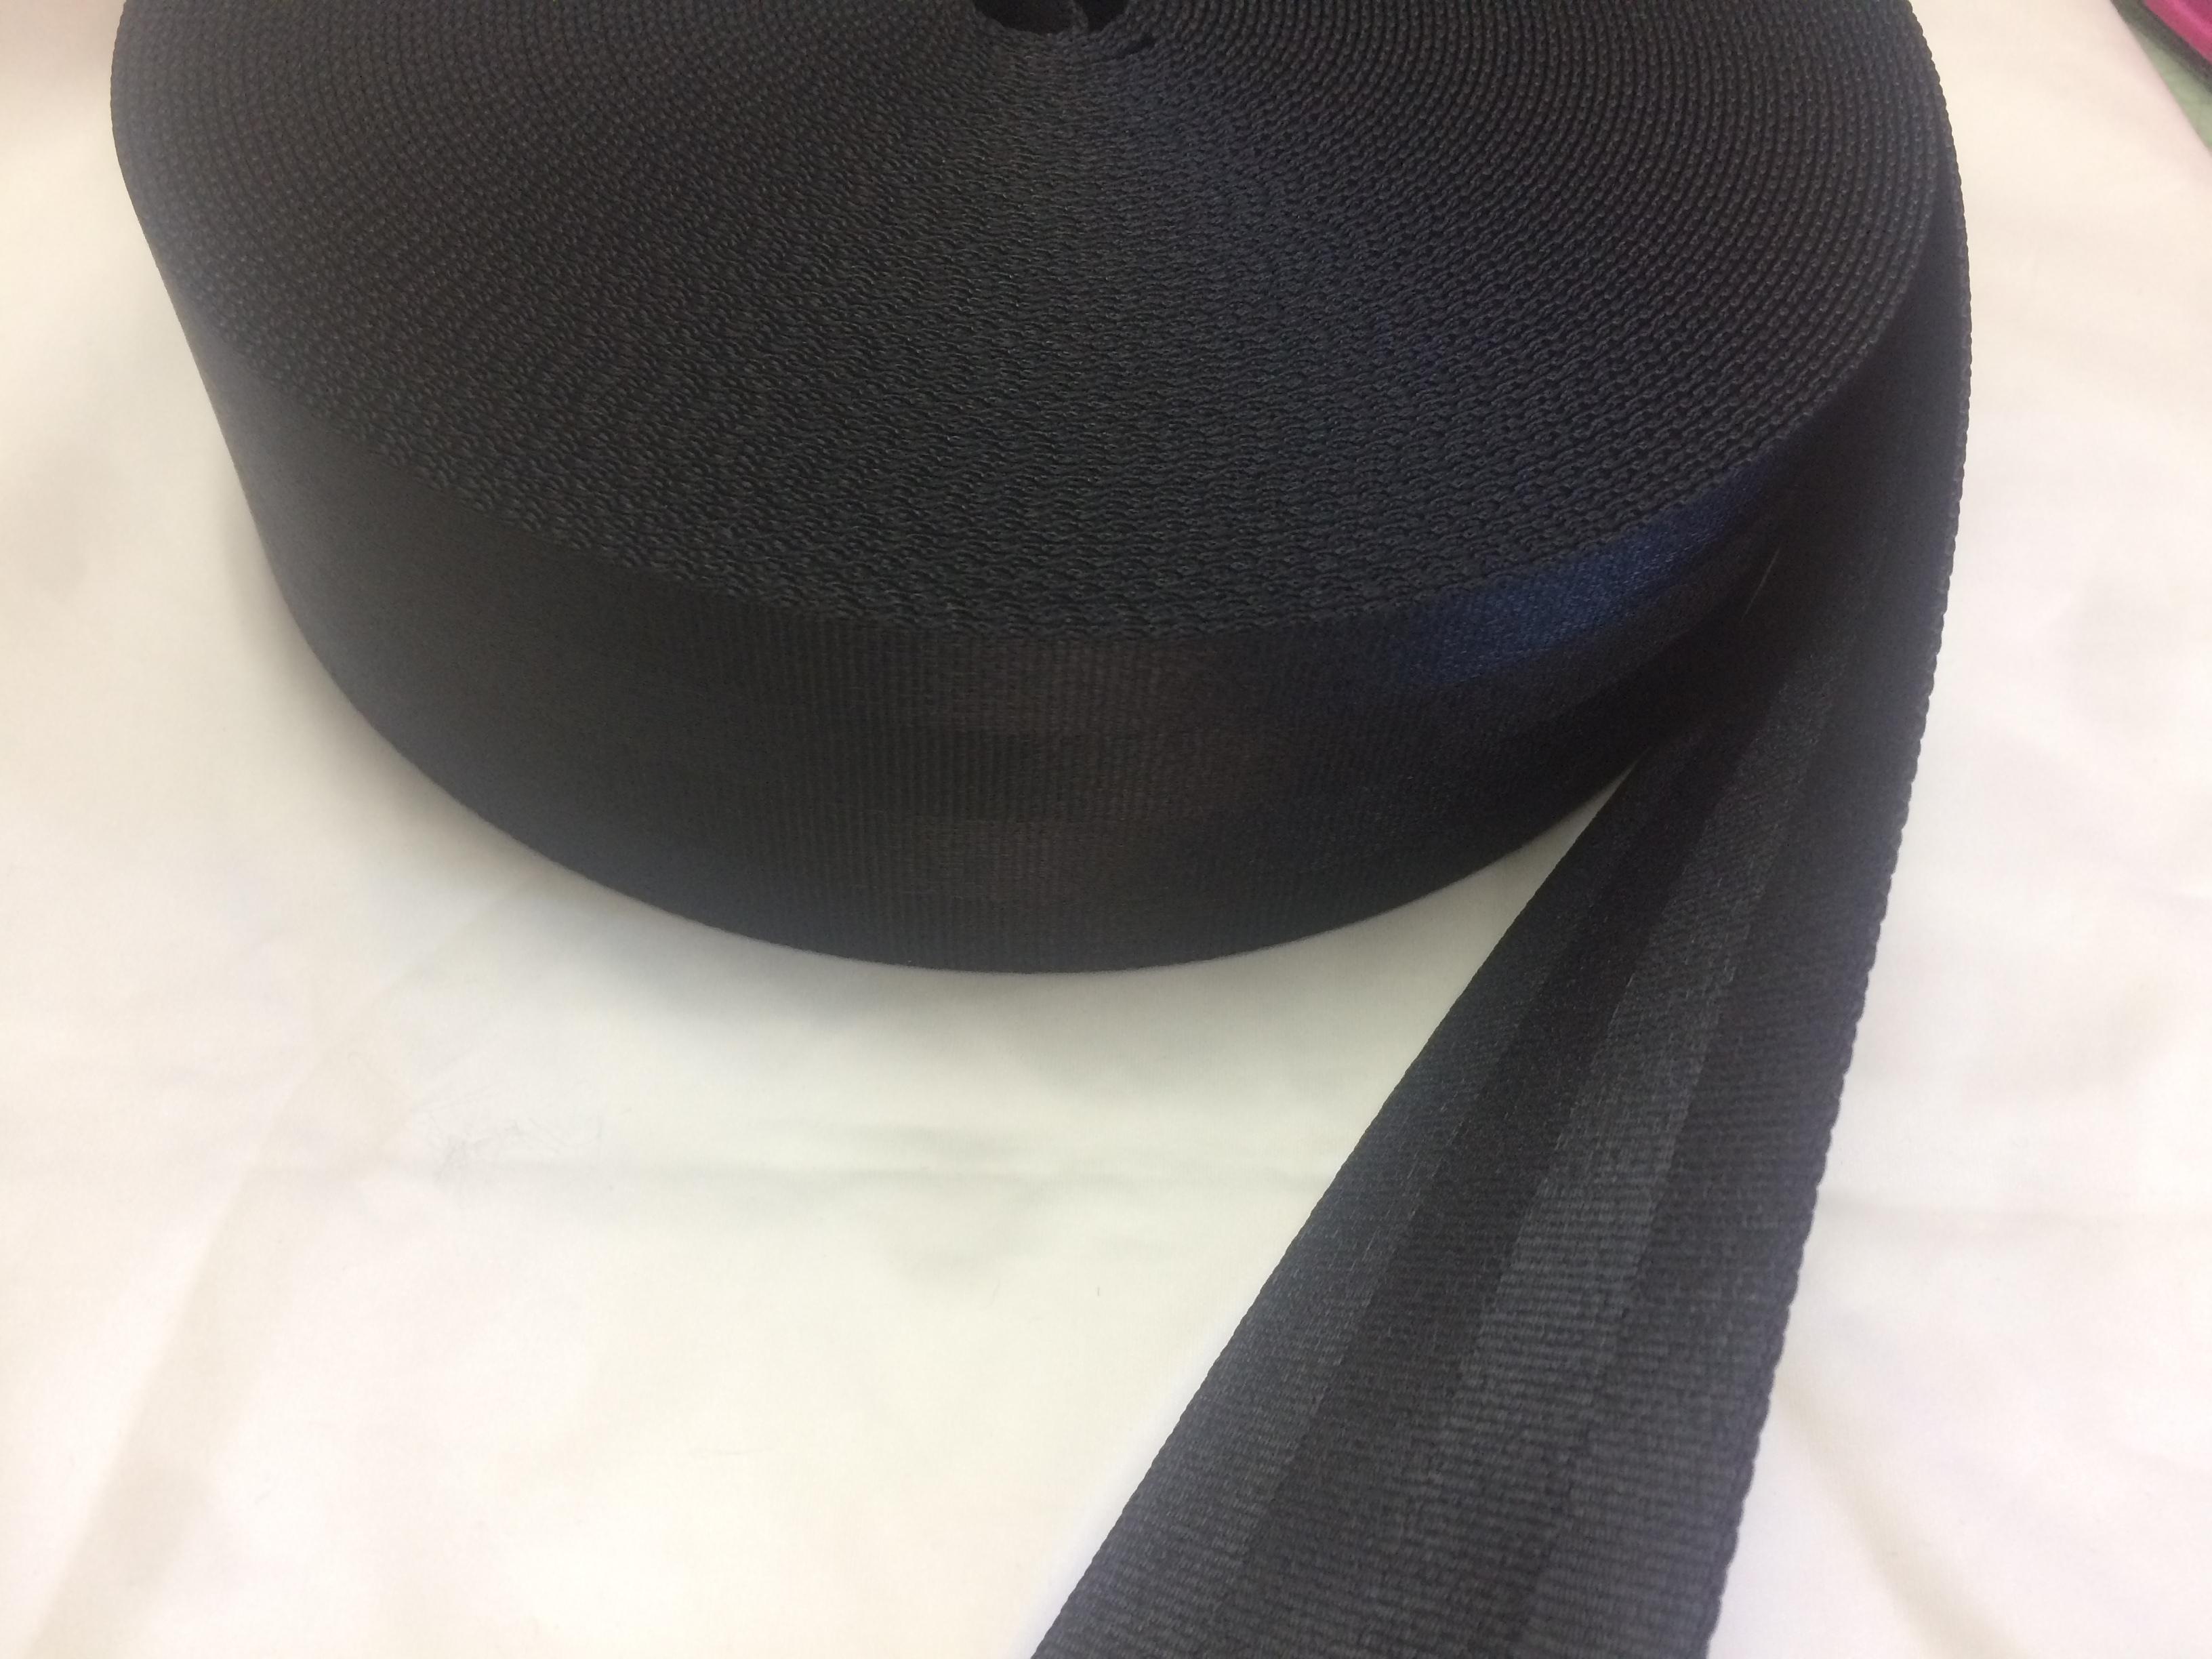 売れています!ナイロン 二つ山織 50㎜幅 1.6㎜厚 黒 1巻50m